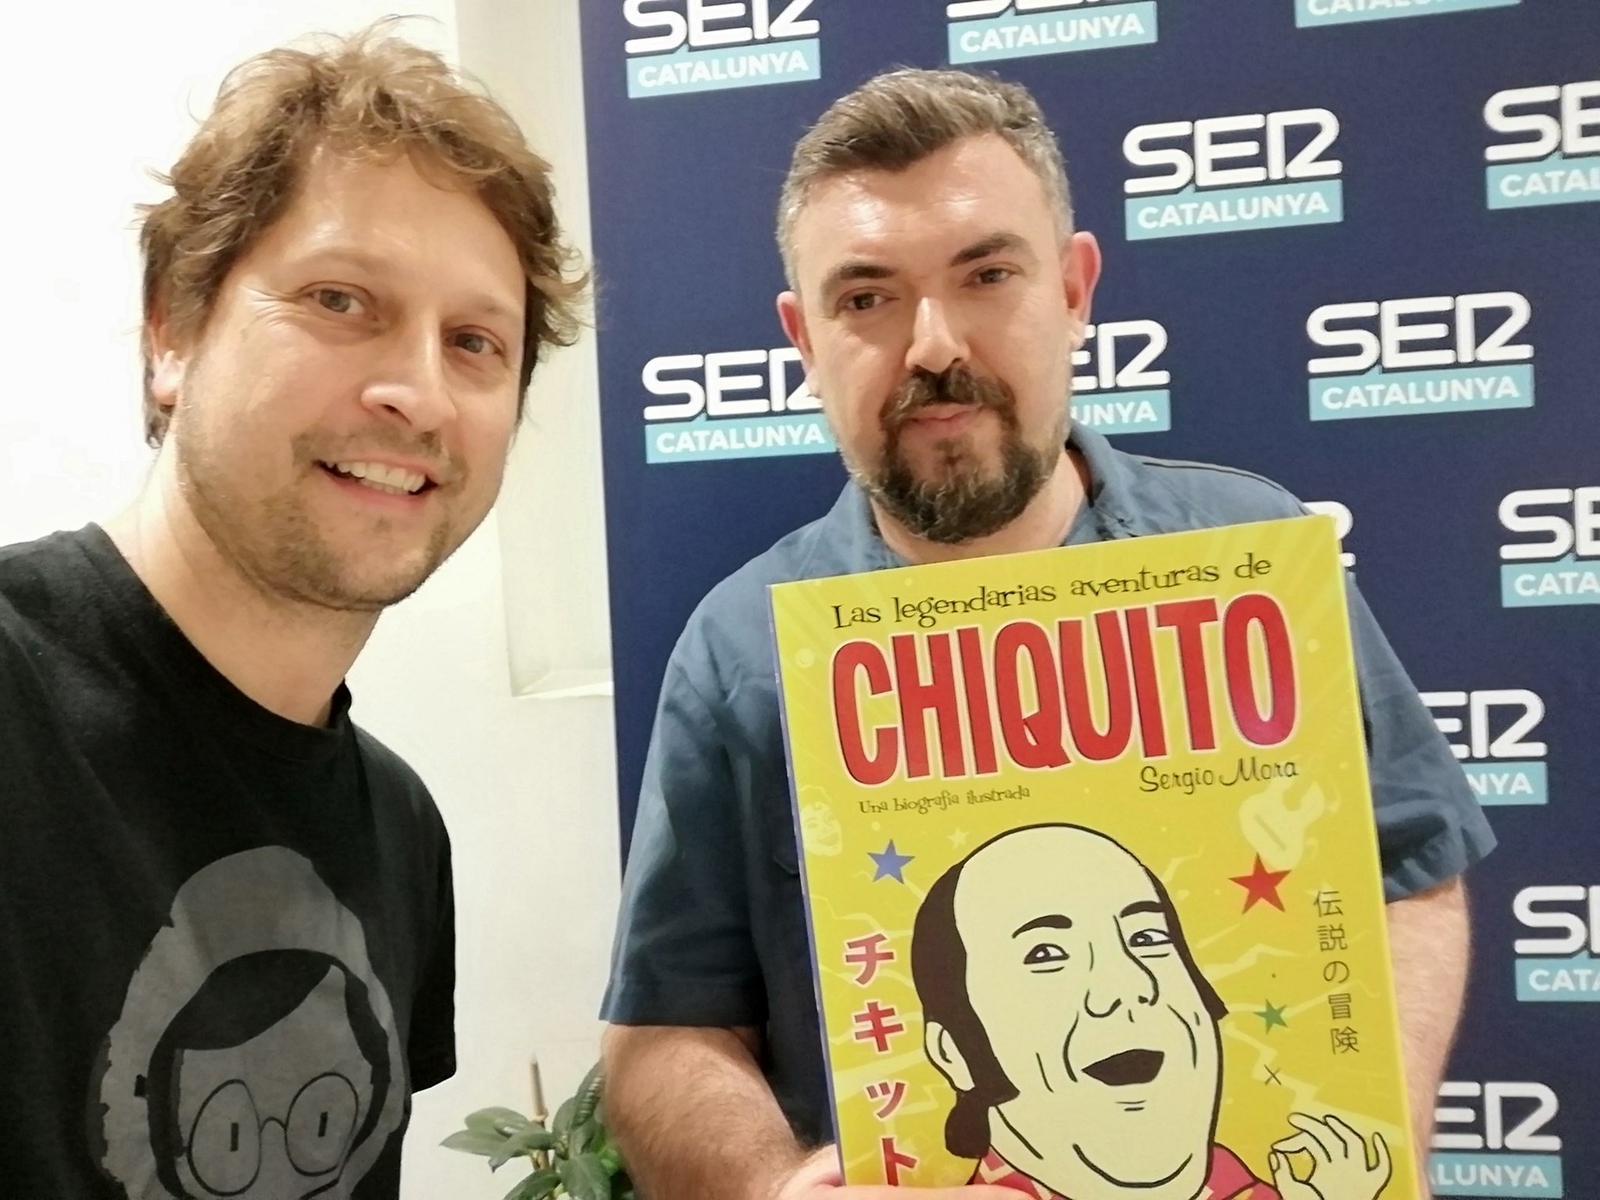 """Revisitando la canciones de mi vida con Bruno Sokolowicz para el programa """"Llapis de memòria"""" de Cadena Ser"""